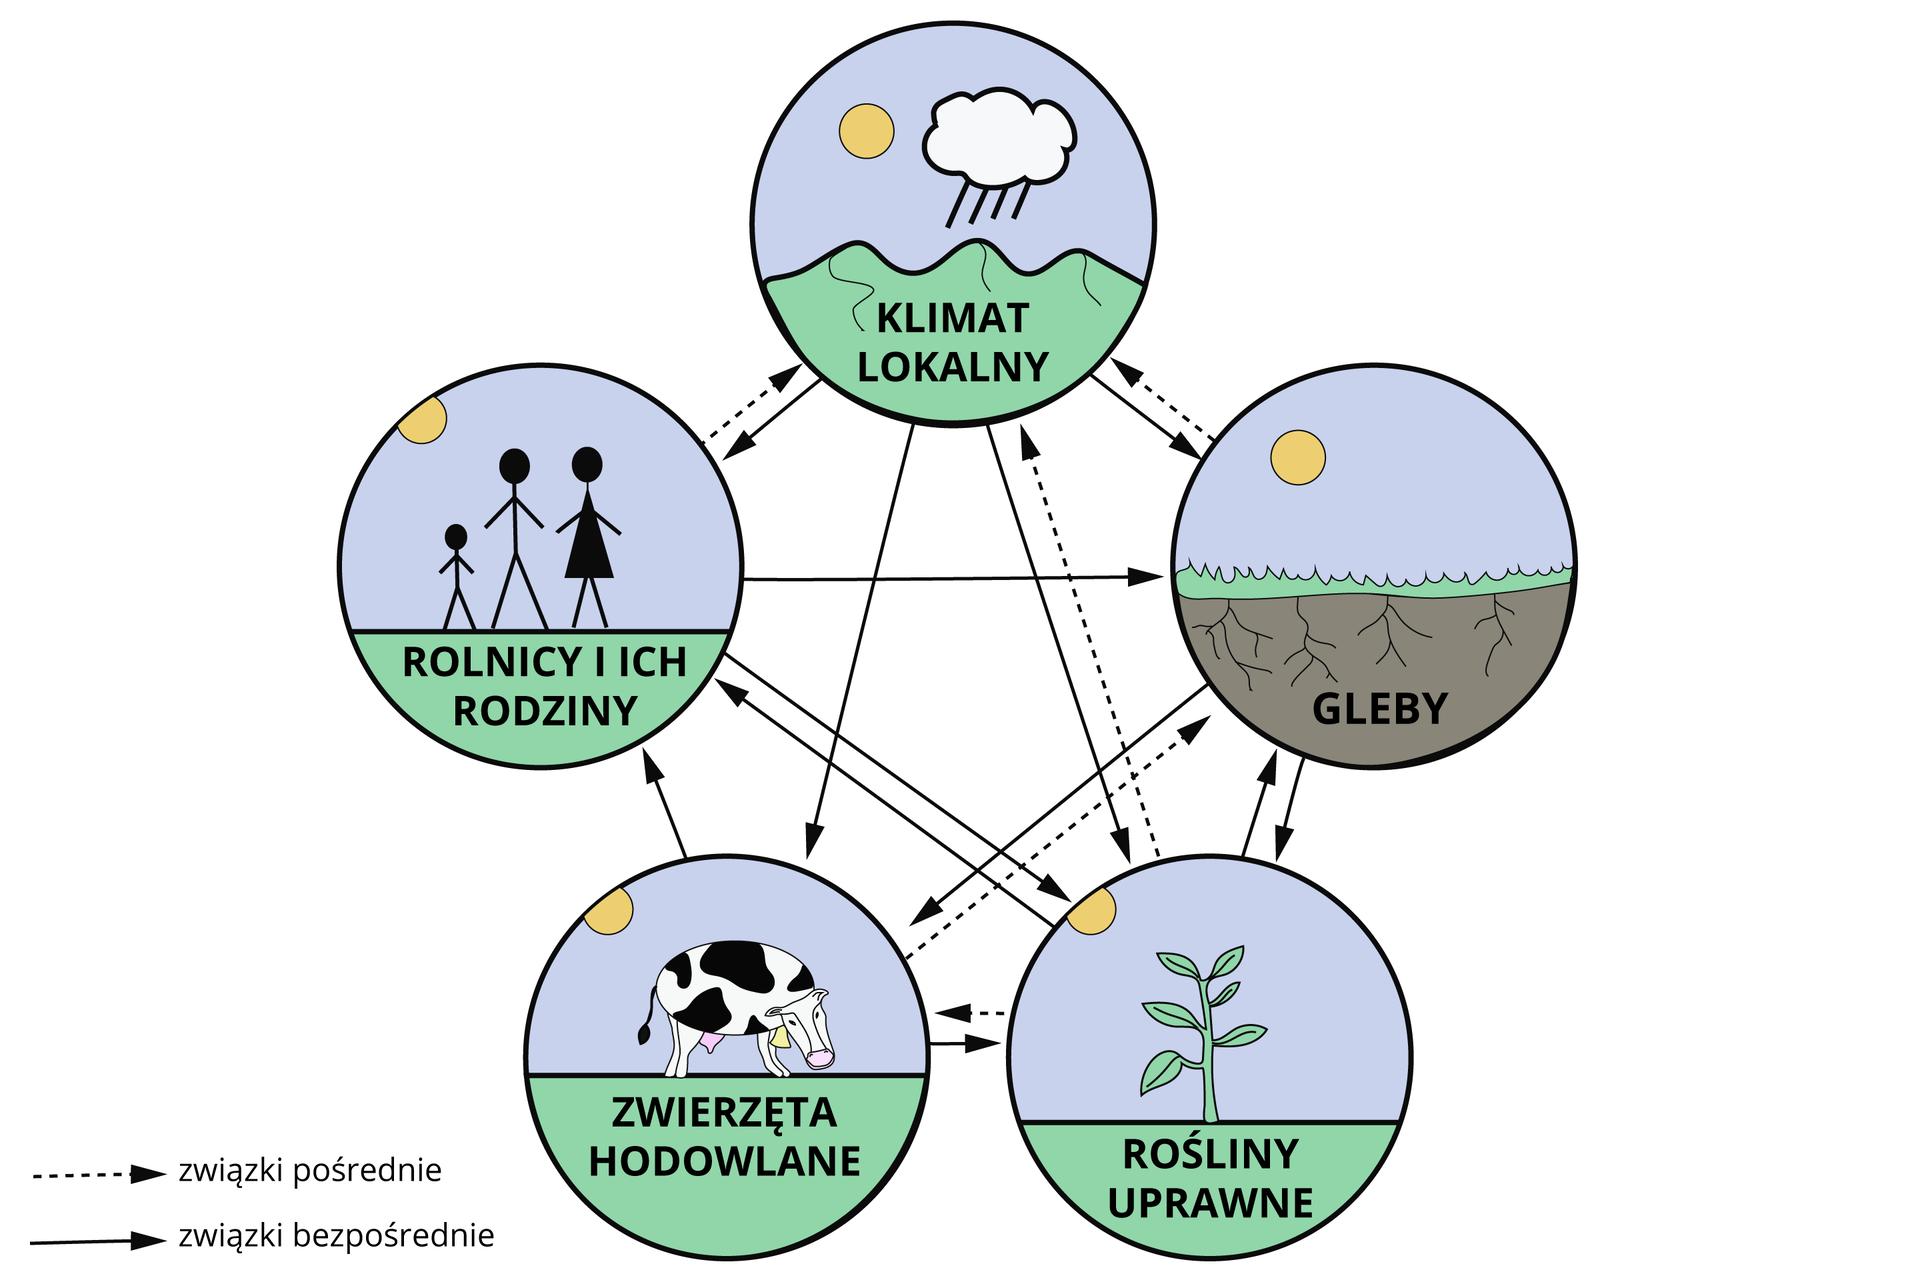 Relacje pomiędzy elementami środowiska orazrolnictwem uprzemysłowionym,ŹródłoEnglishsquare.pl Sp. zo.o., CC BY-SA 3.0